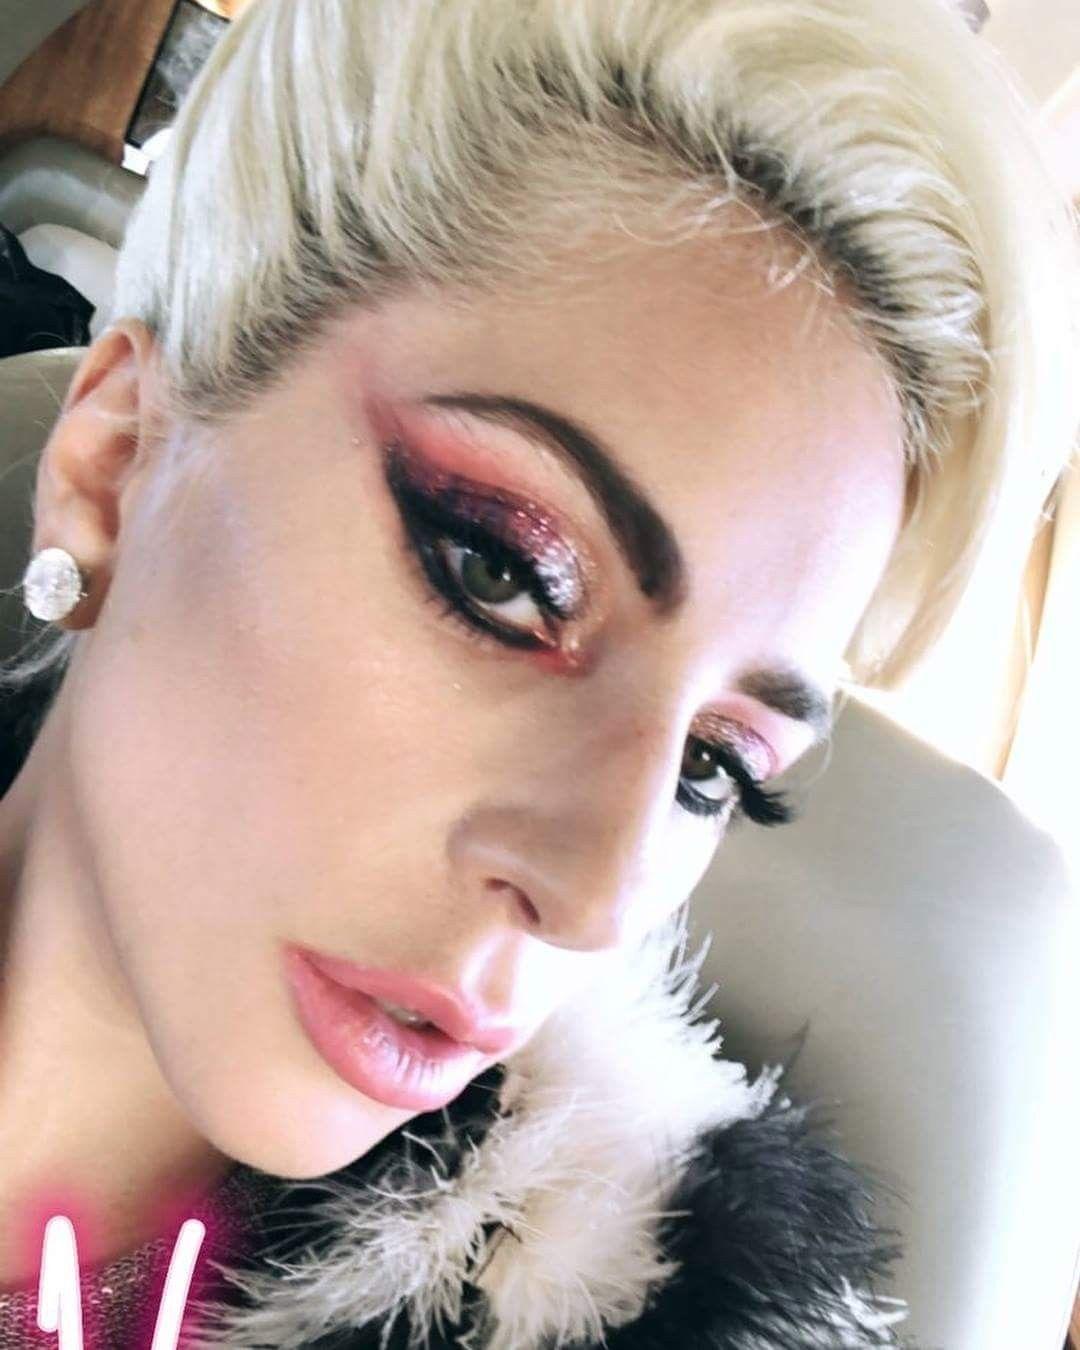 Selfie Lady Gaga nude (32 photos), Tits, Sideboobs, Feet, braless 2006